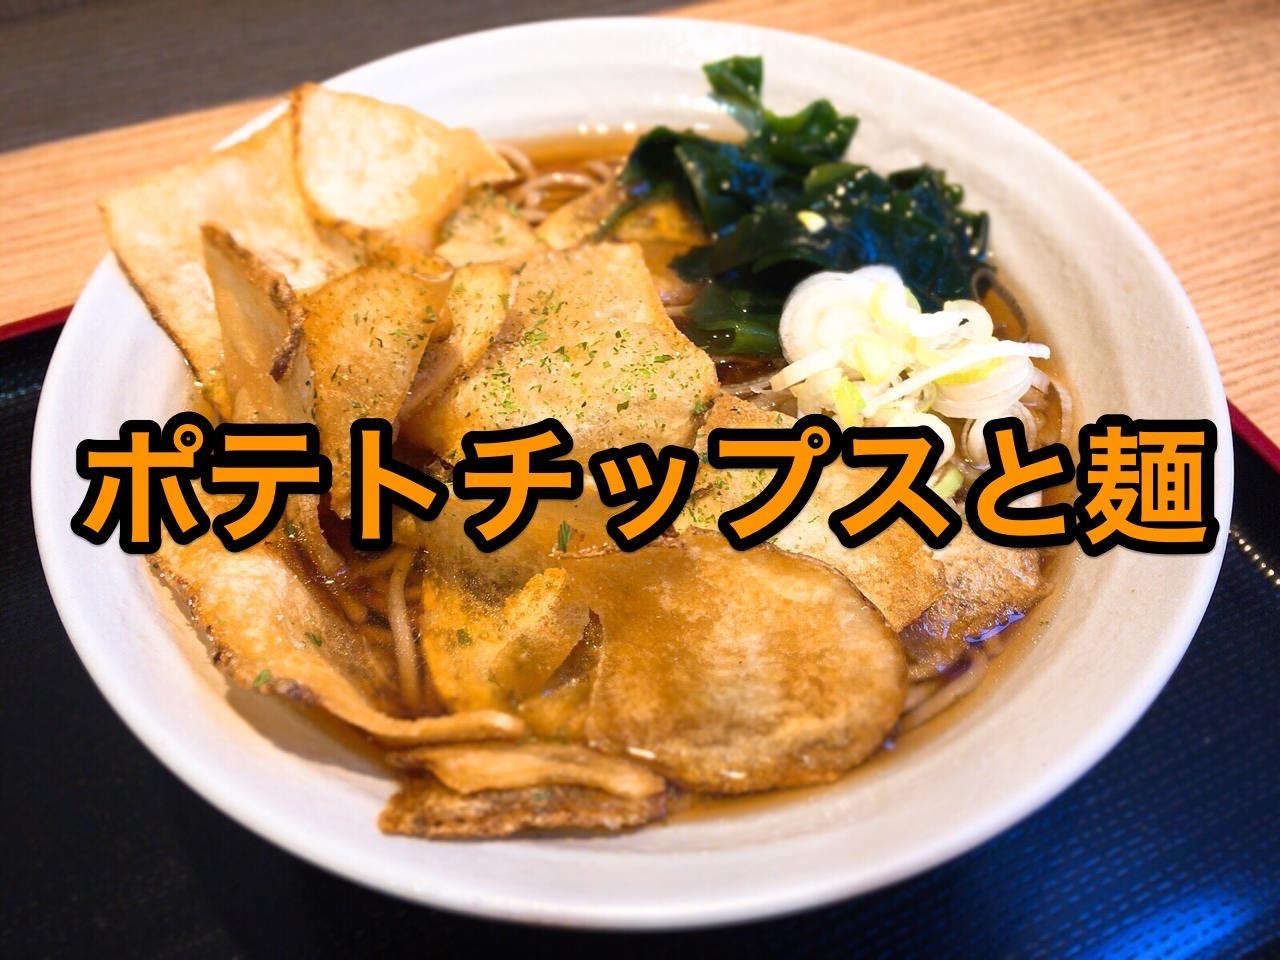 【富士そば】まさかの揚げたてポテチが旨すぎる「ポテトチップスそば・うどん」